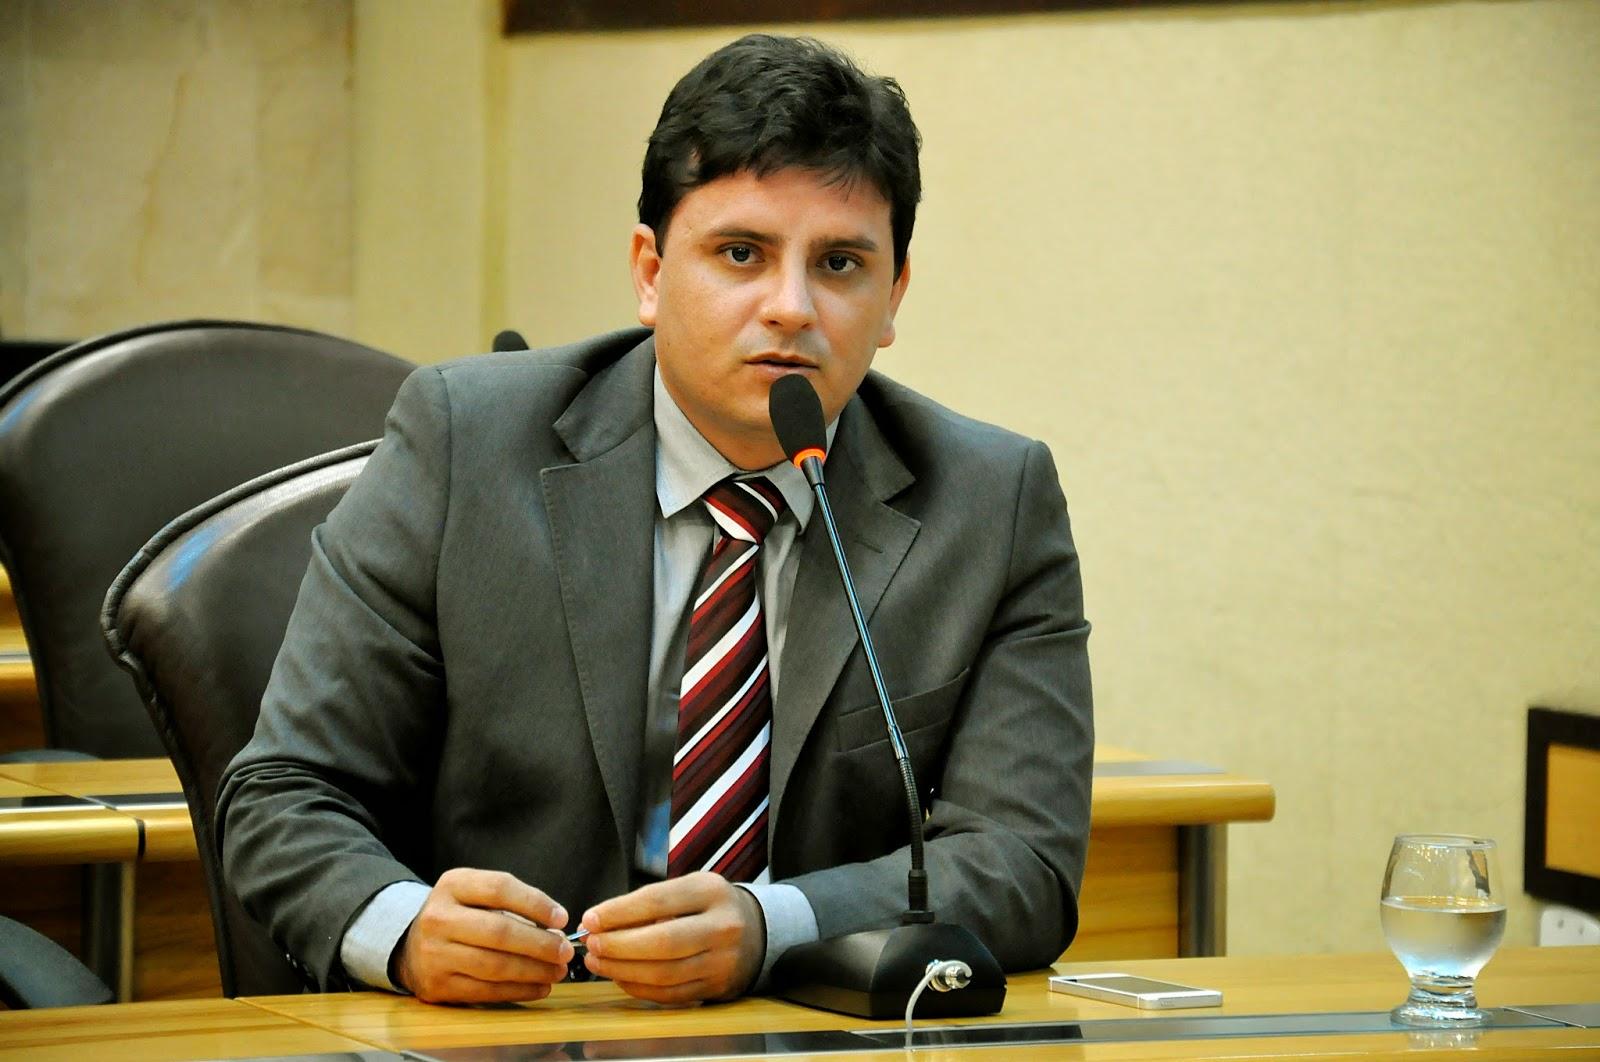 Carlos Augusto Maia